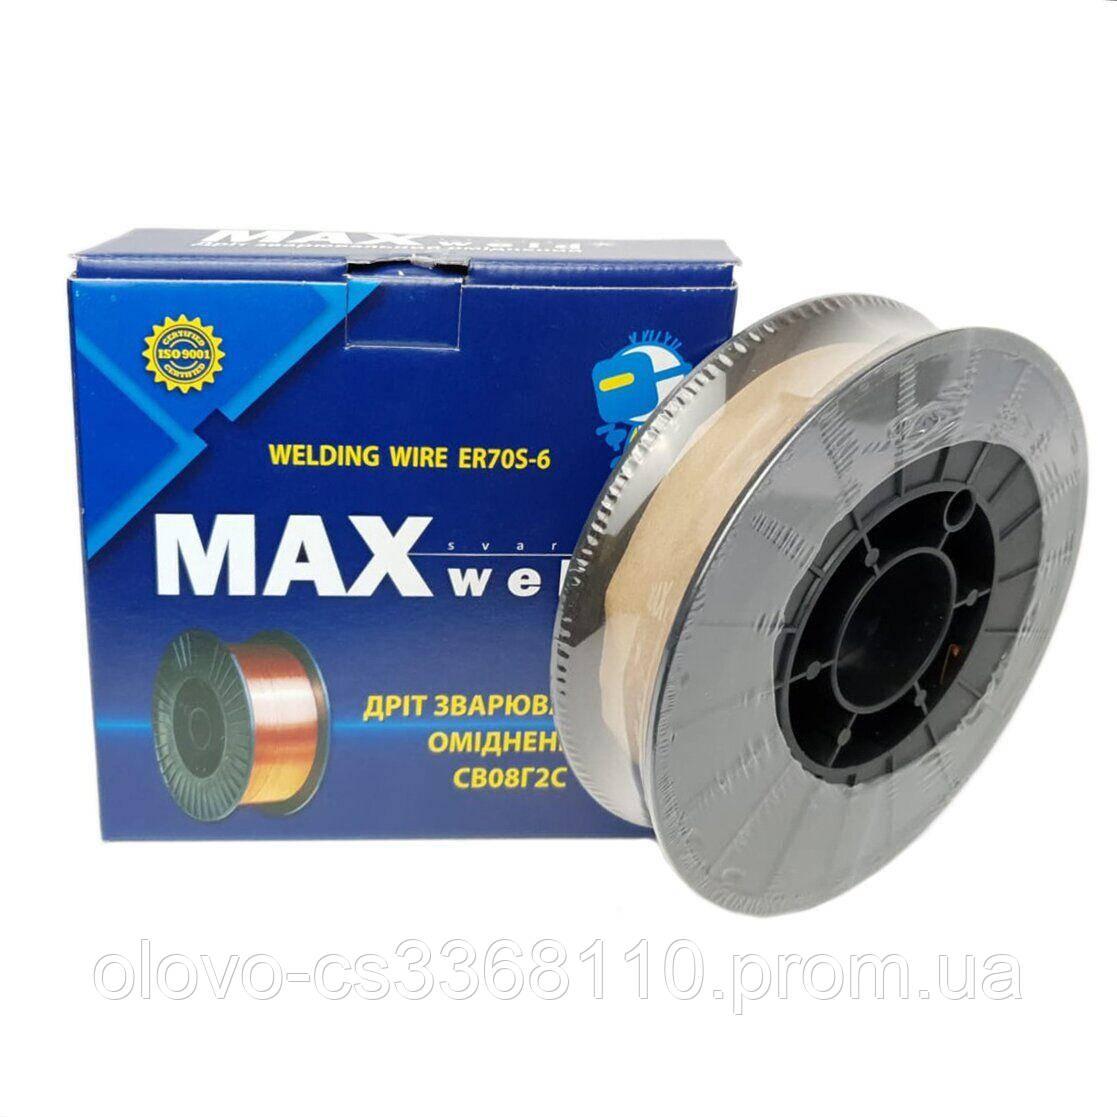 Дріт зварювальний MAX weld Gradient ER70S-6, 0.8 мм 4кг, котушка D200-4